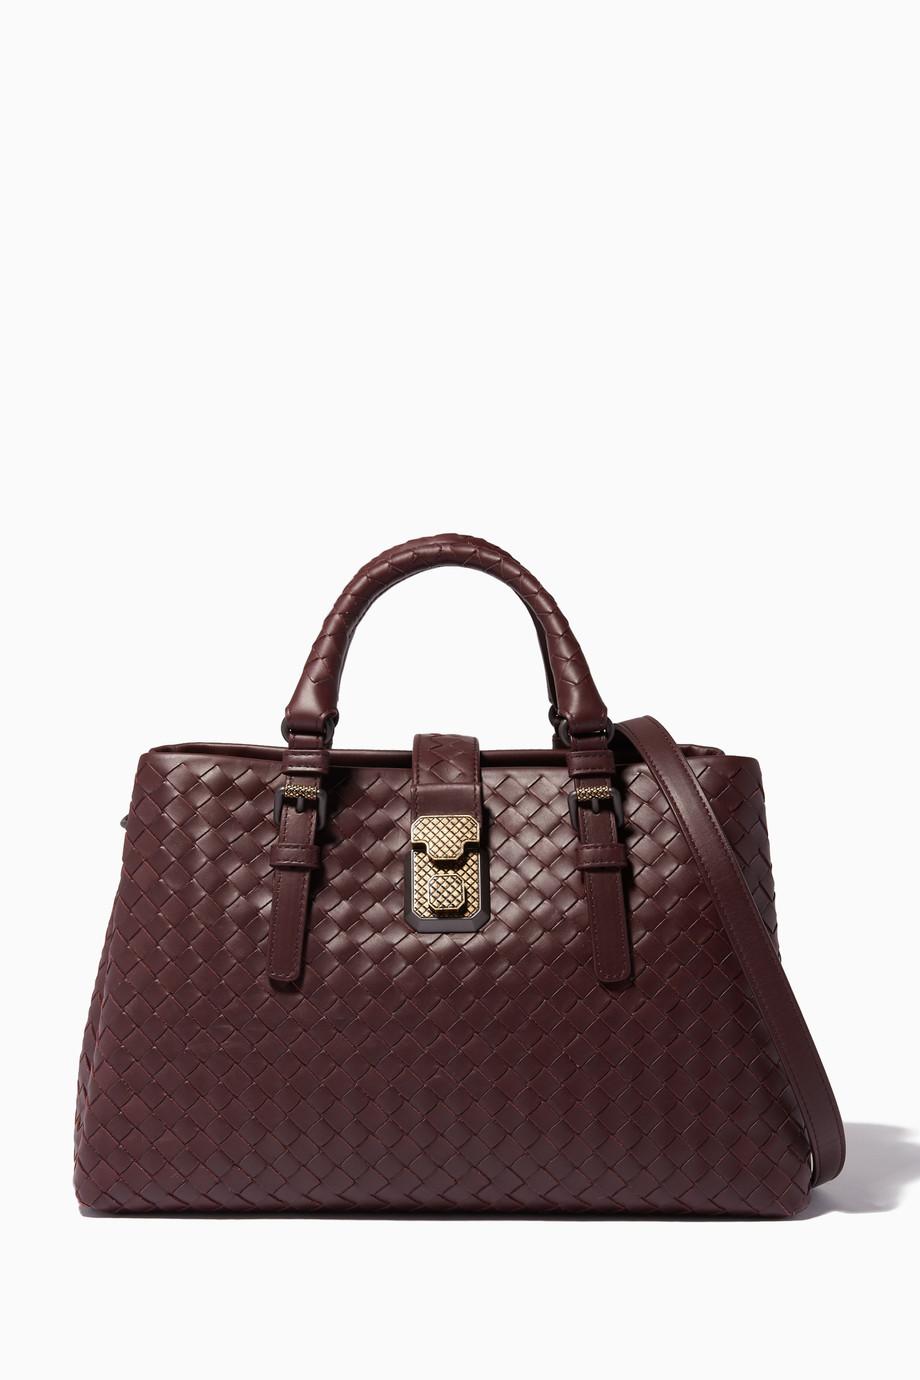 76c6da1cc0ec Shop Bottega Veneta Red Dark-Red Small Roma Intrecciato Leather Tote Bag  for Women